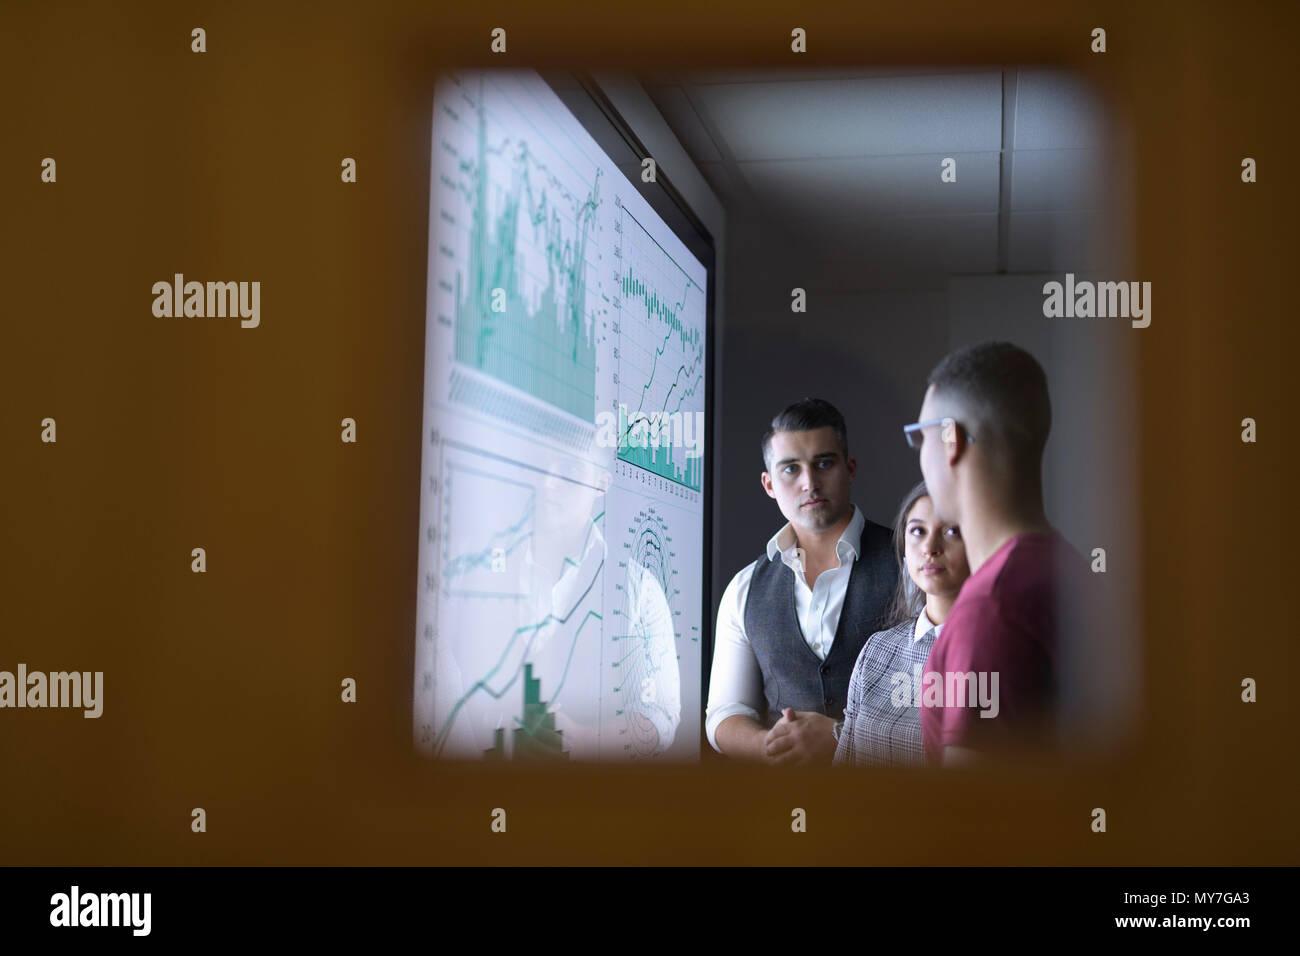 Business team in meeting seen through glass door - Stock Image